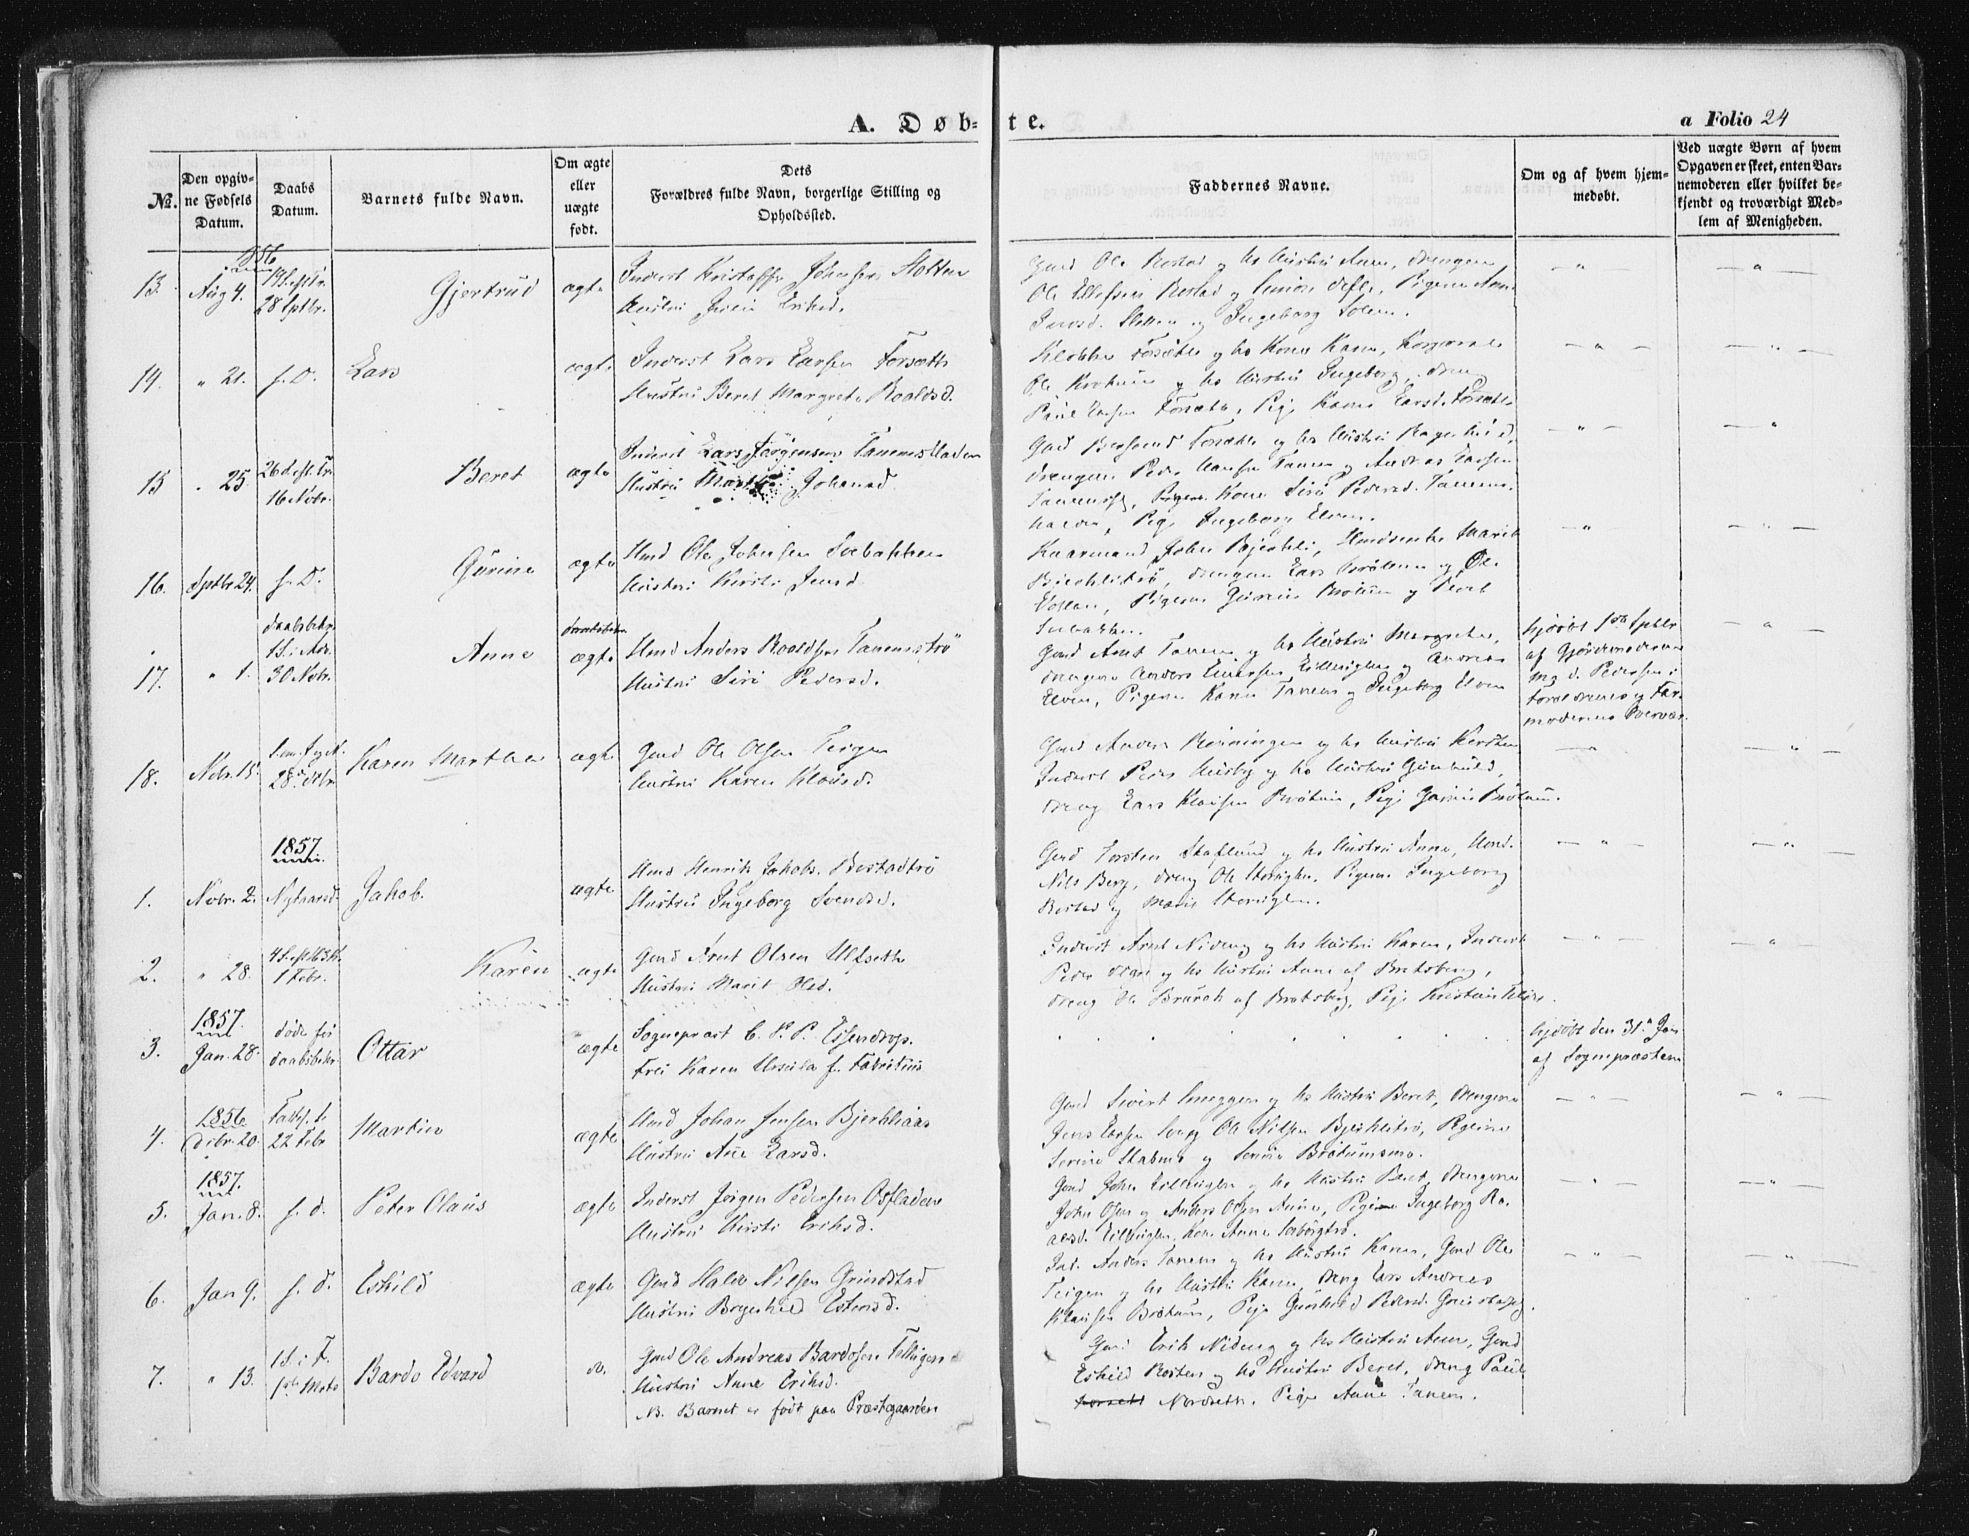 SAT, Ministerialprotokoller, klokkerbøker og fødselsregistre - Sør-Trøndelag, 618/L0441: Ministerialbok nr. 618A05, 1843-1862, s. 24